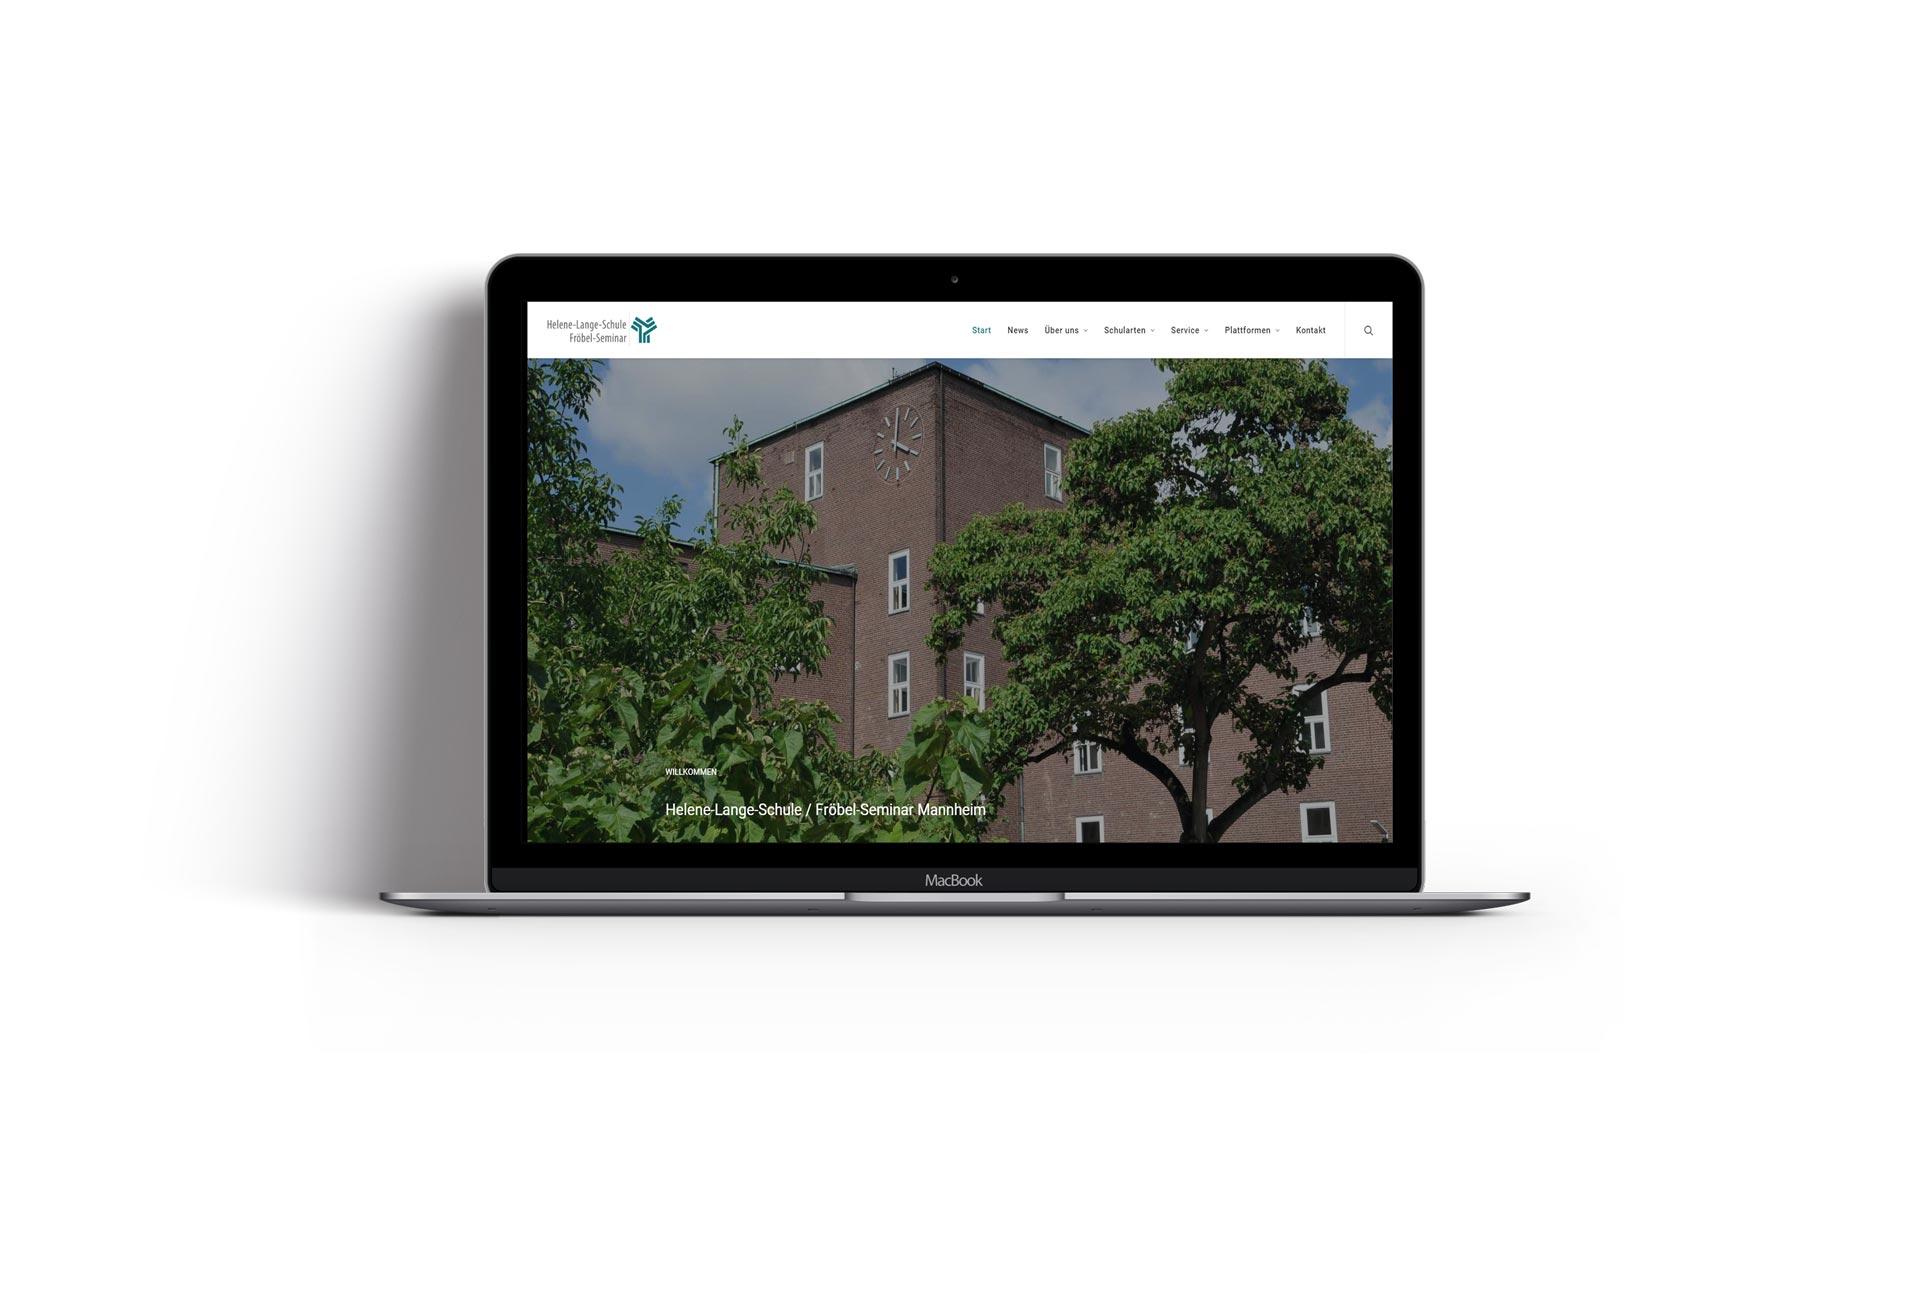 Mischler Webdesign Mannheim portfolio helene lange schule webseite